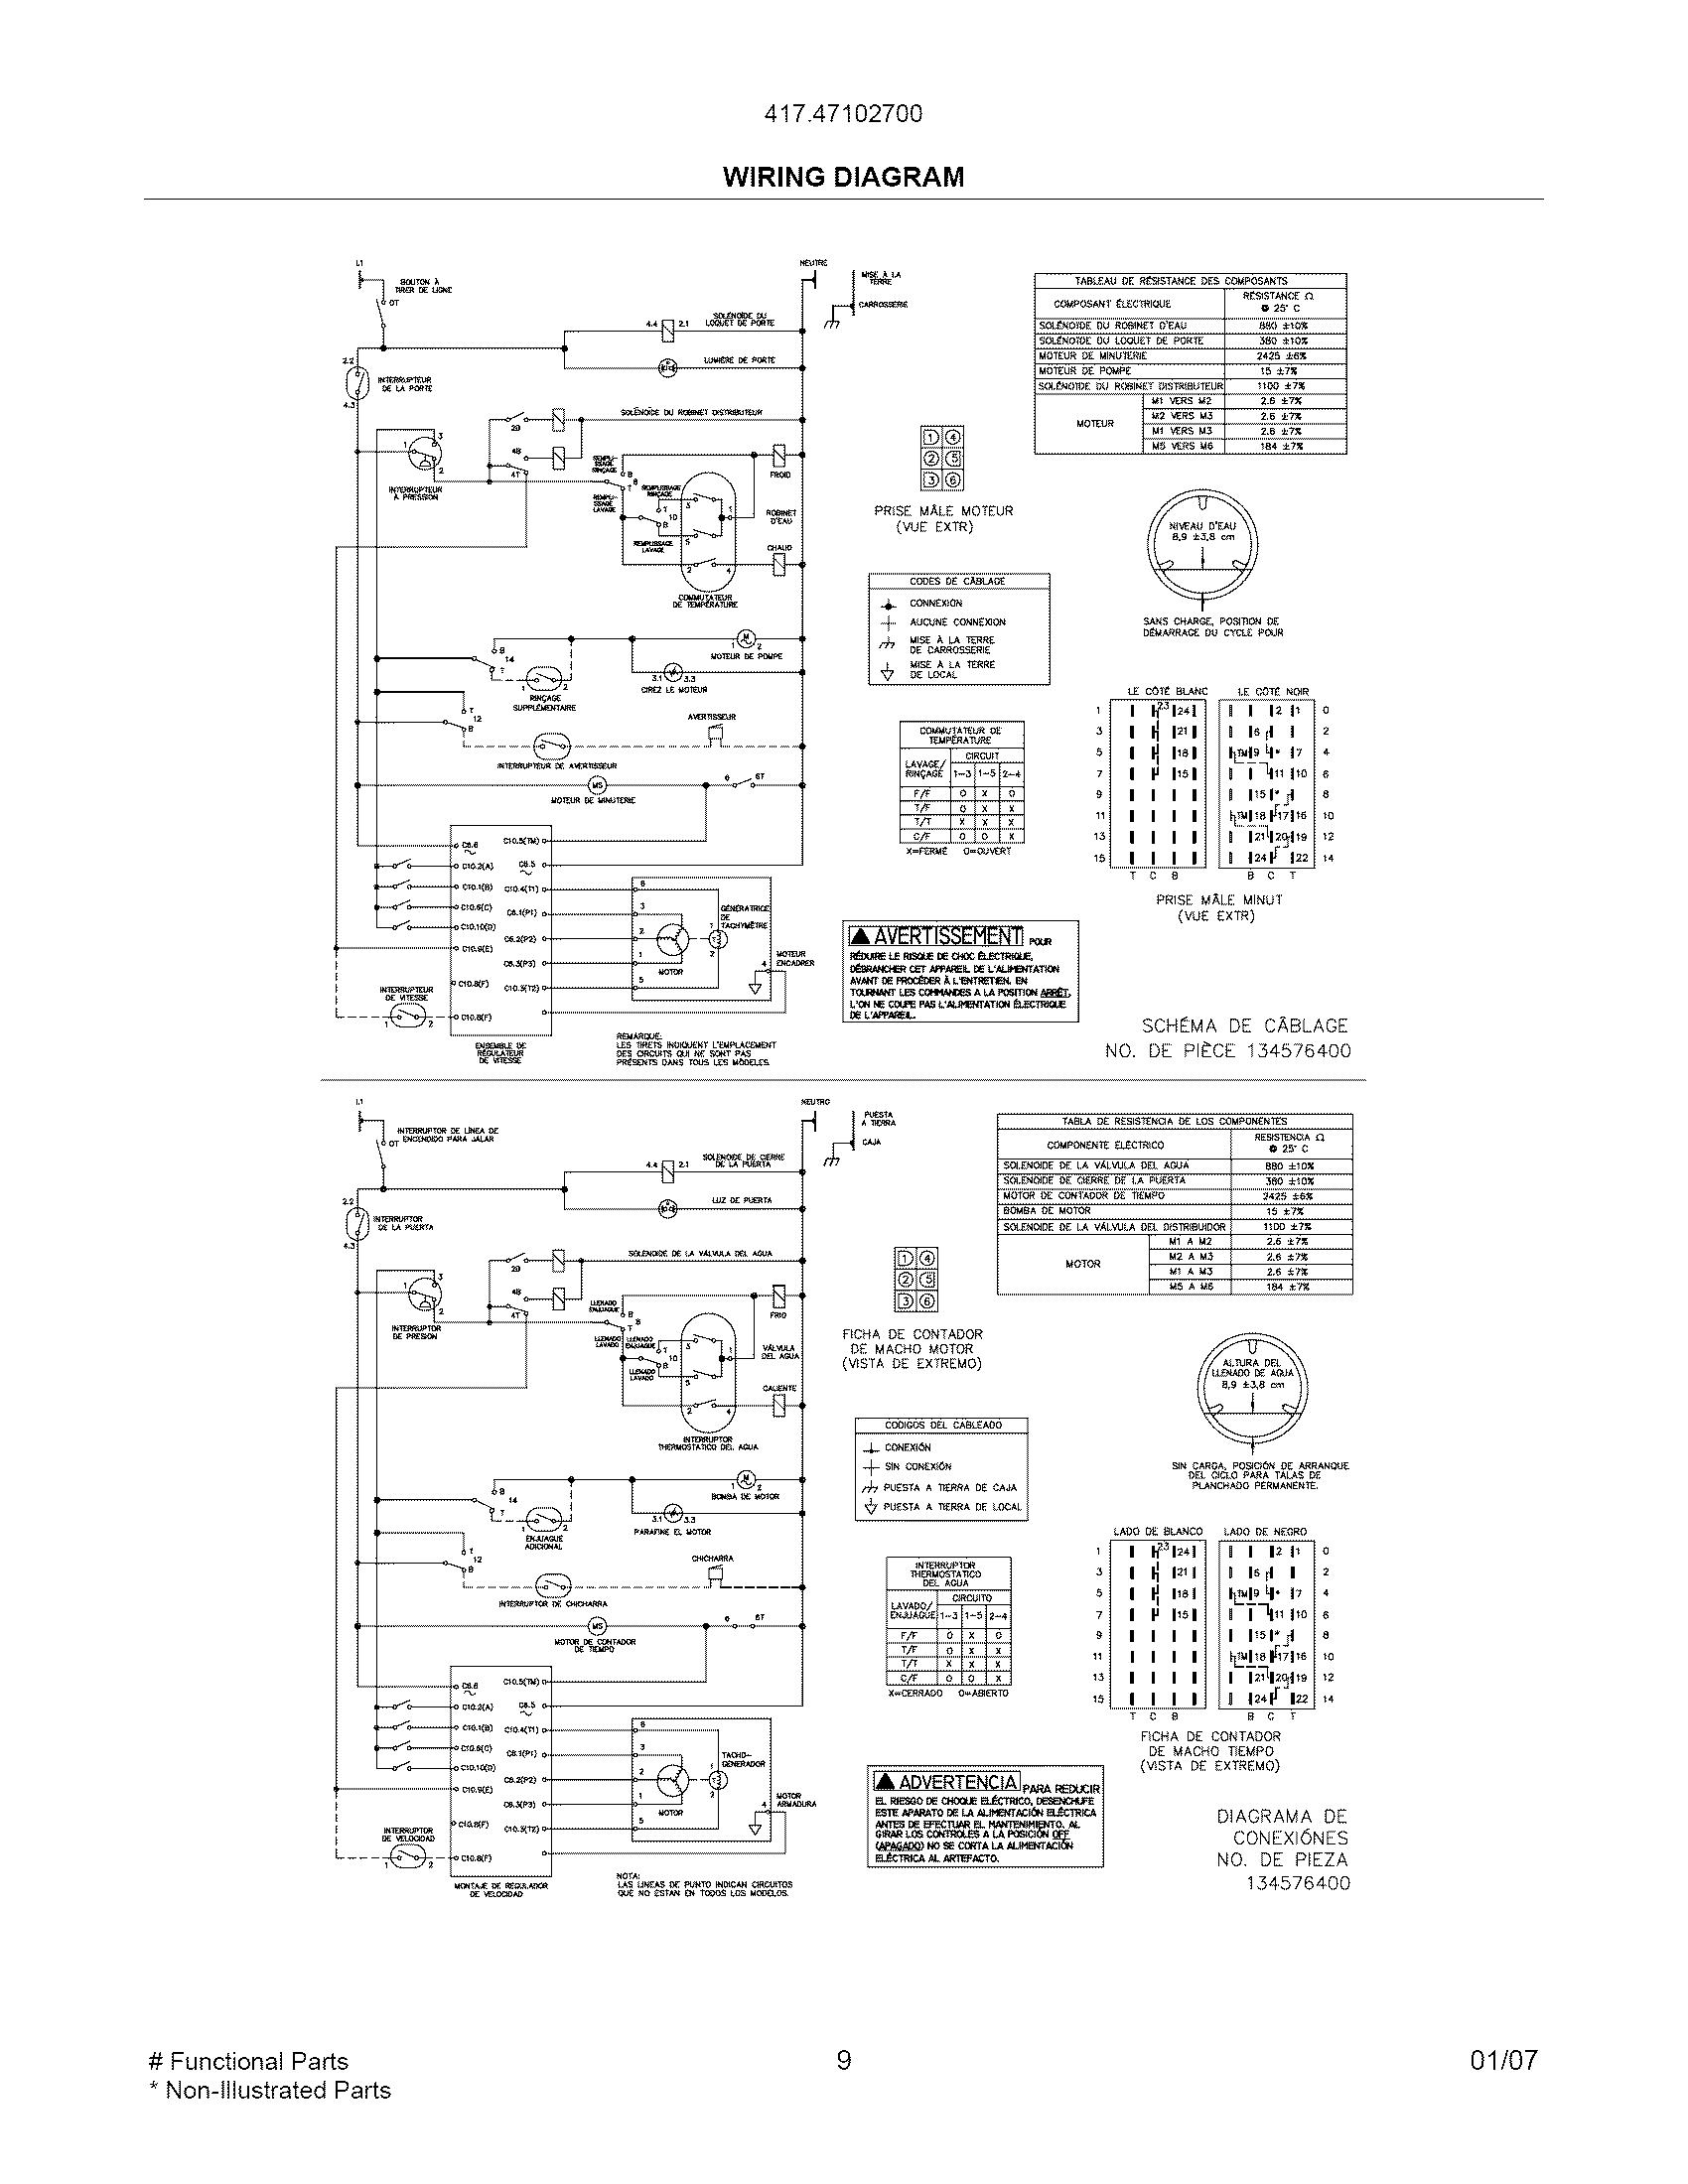 Awe Inspiring Diagram Of 1989 Motorguide Trolling Motor 9001183Uj Wiring Harness Wiring Cloud Rometaidewilluminateatxorg